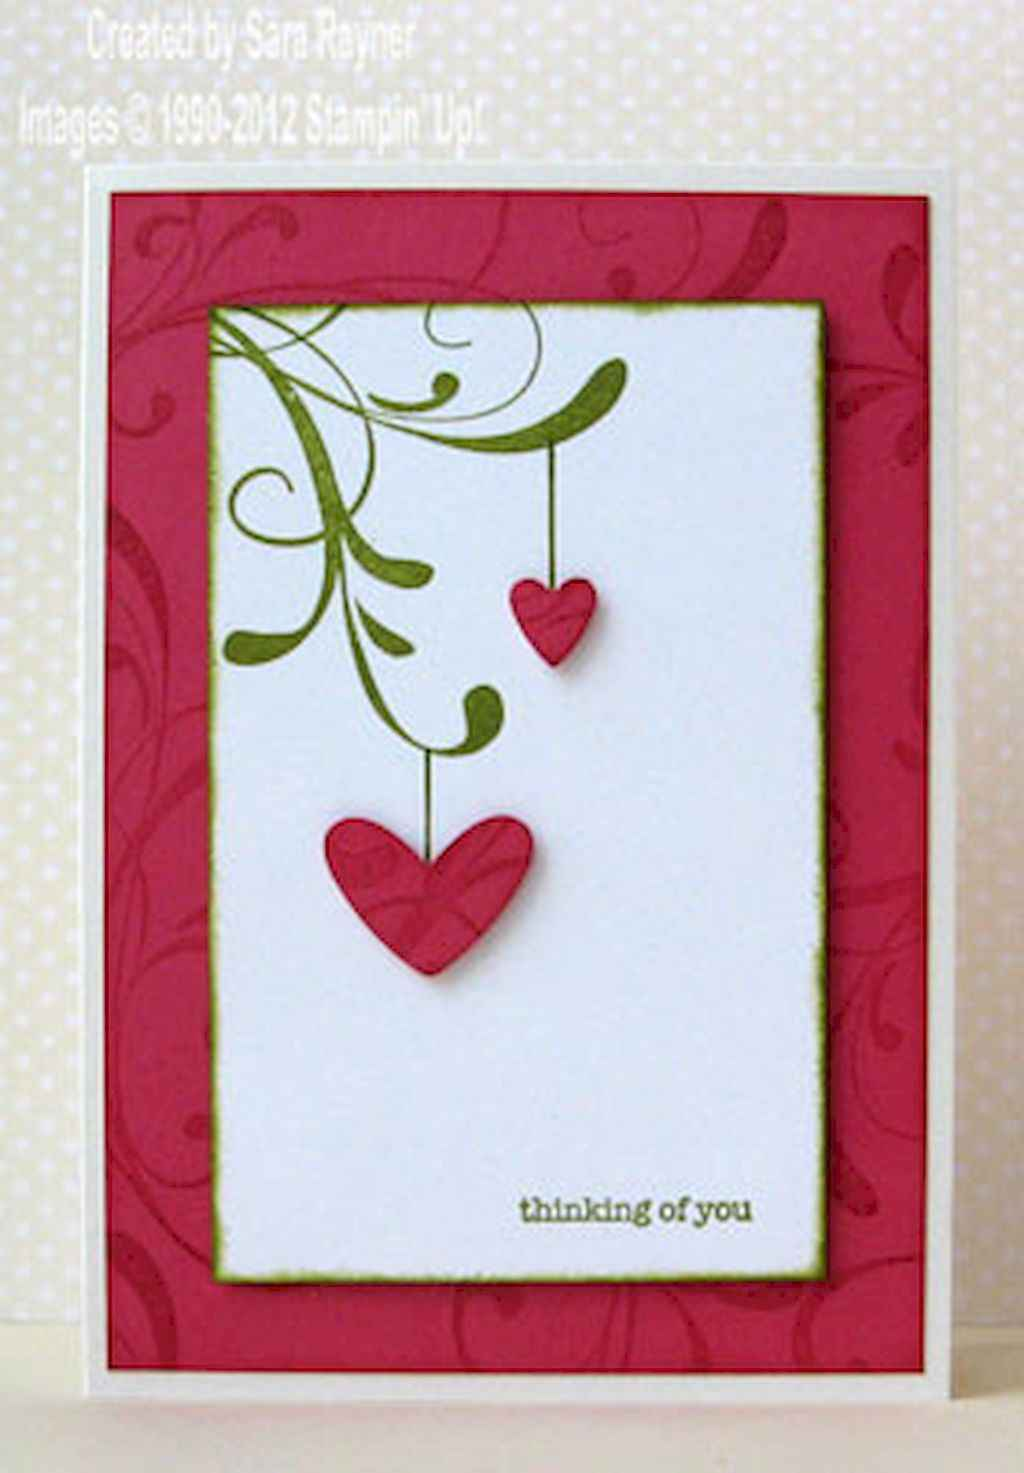 50 Romantic Valentines Cards Design Ideas (3)